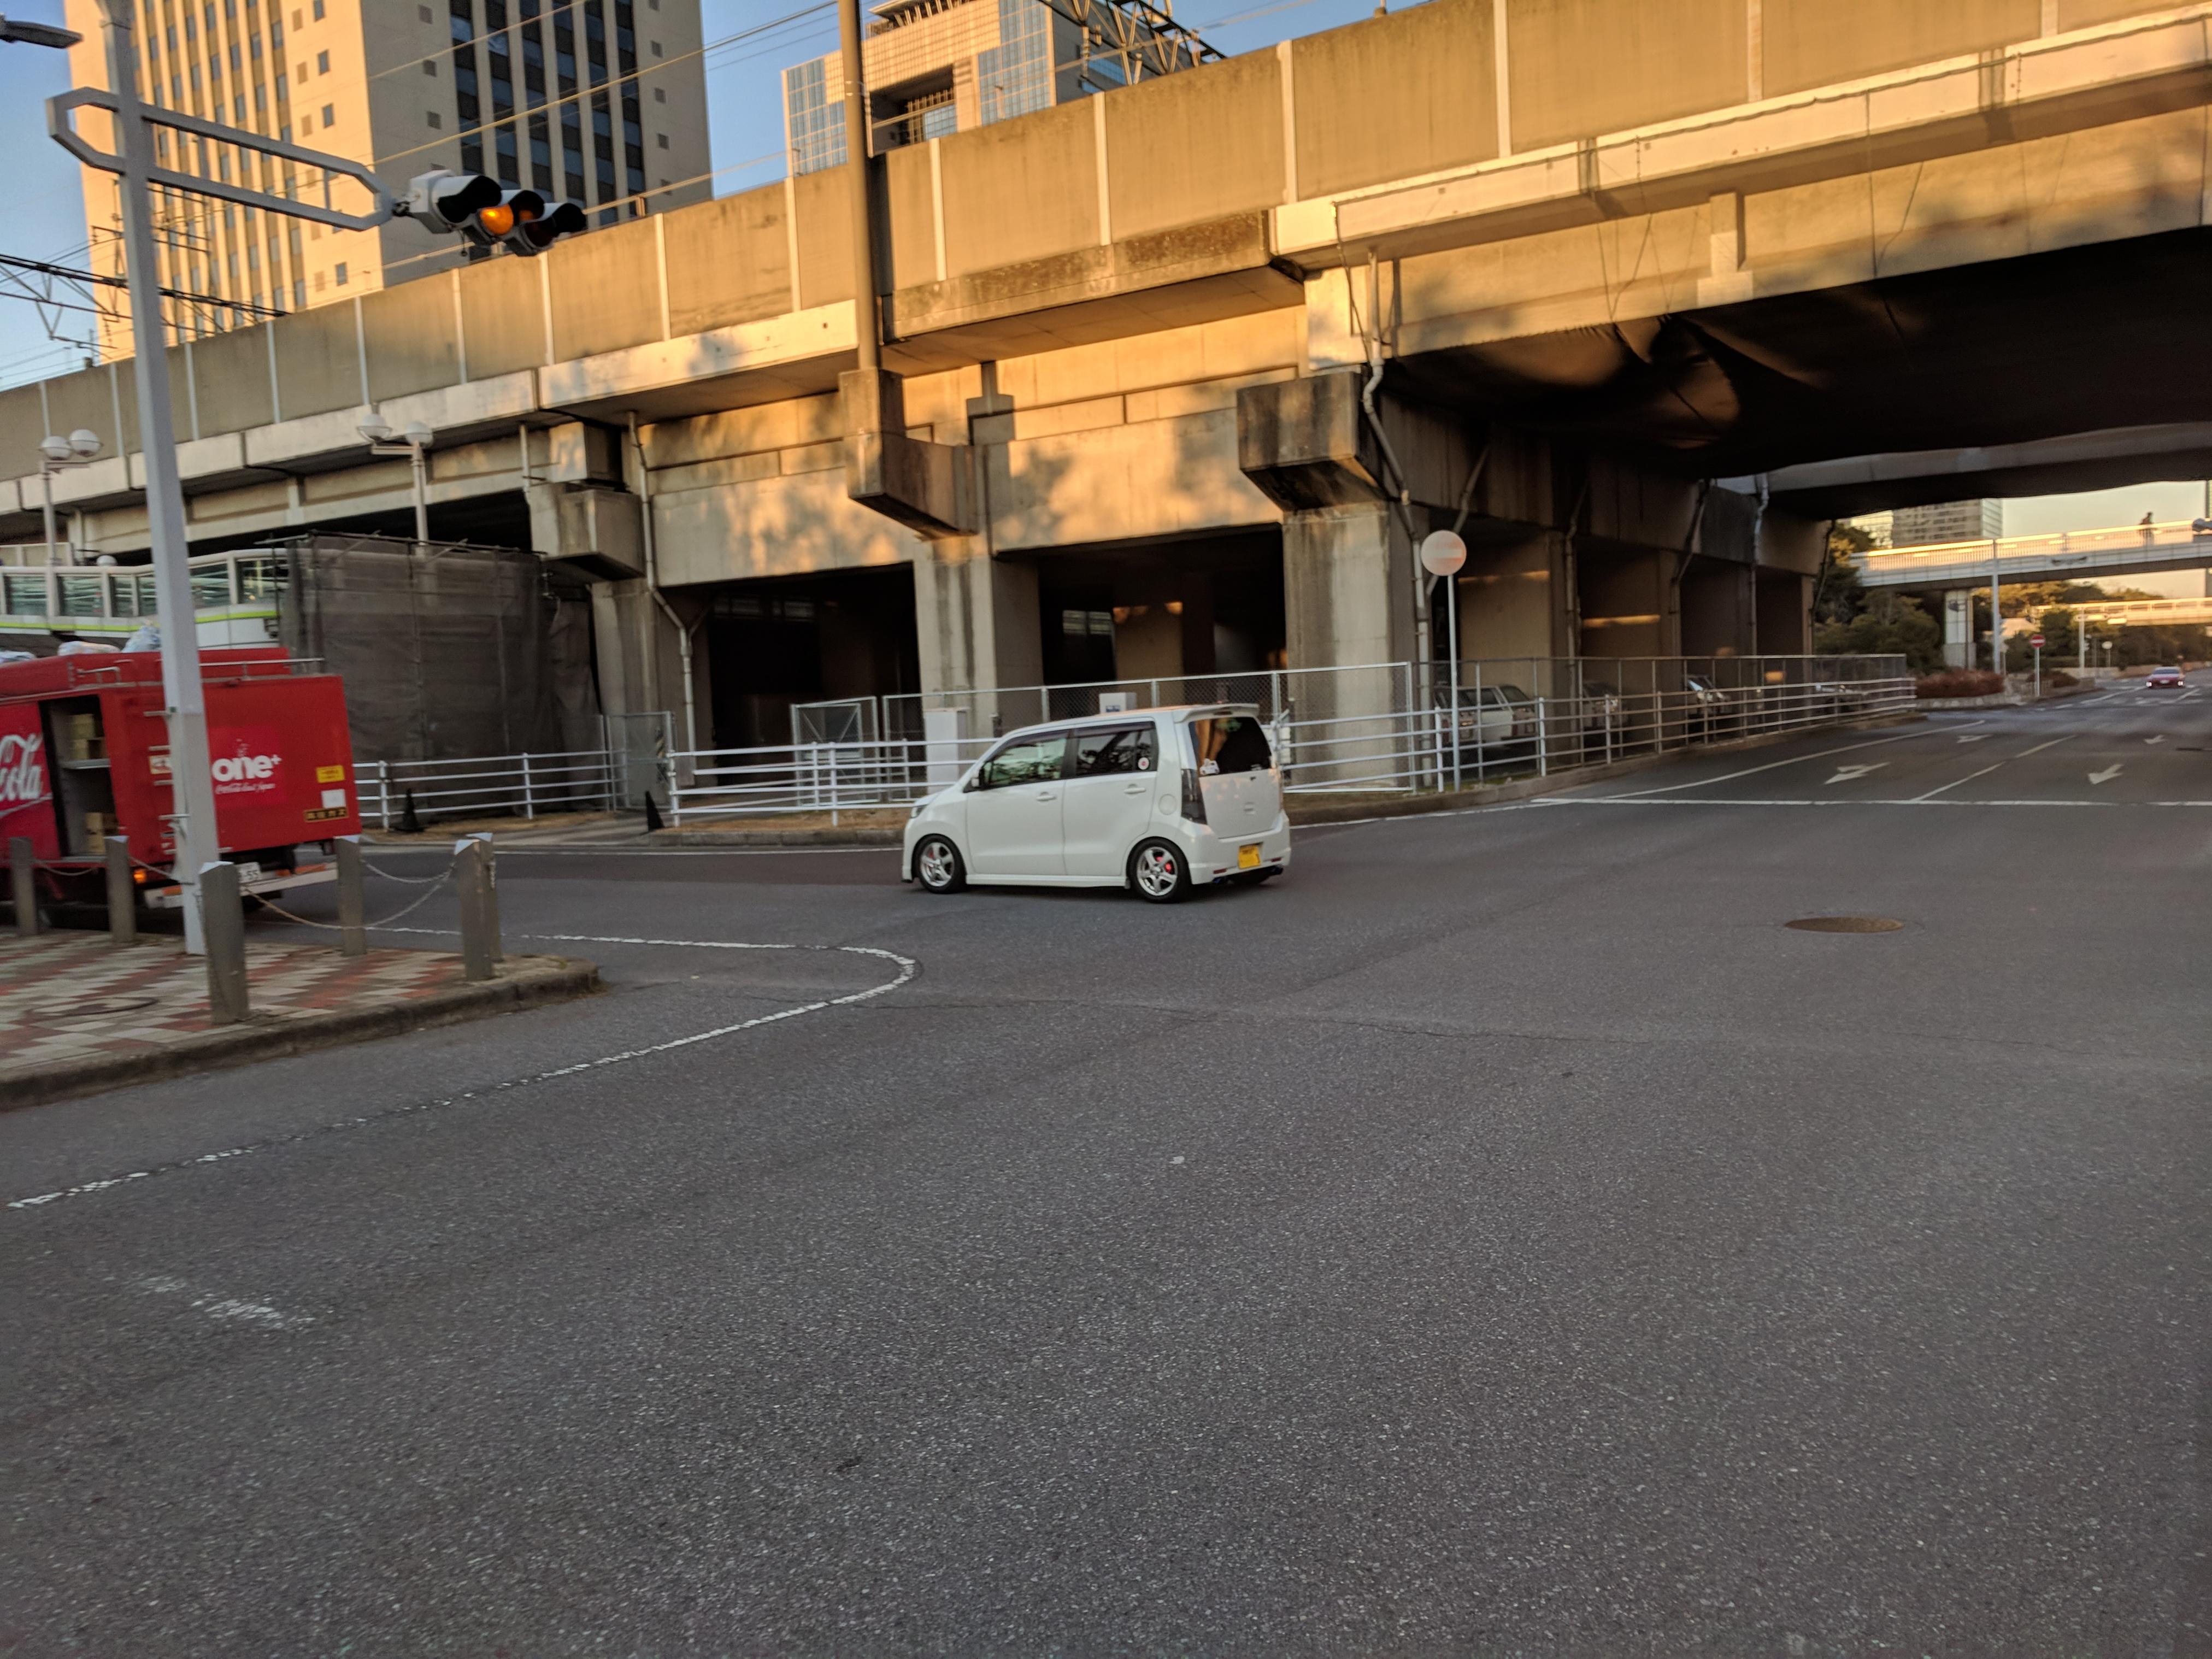 Slammed kei car near the Auto Salon.